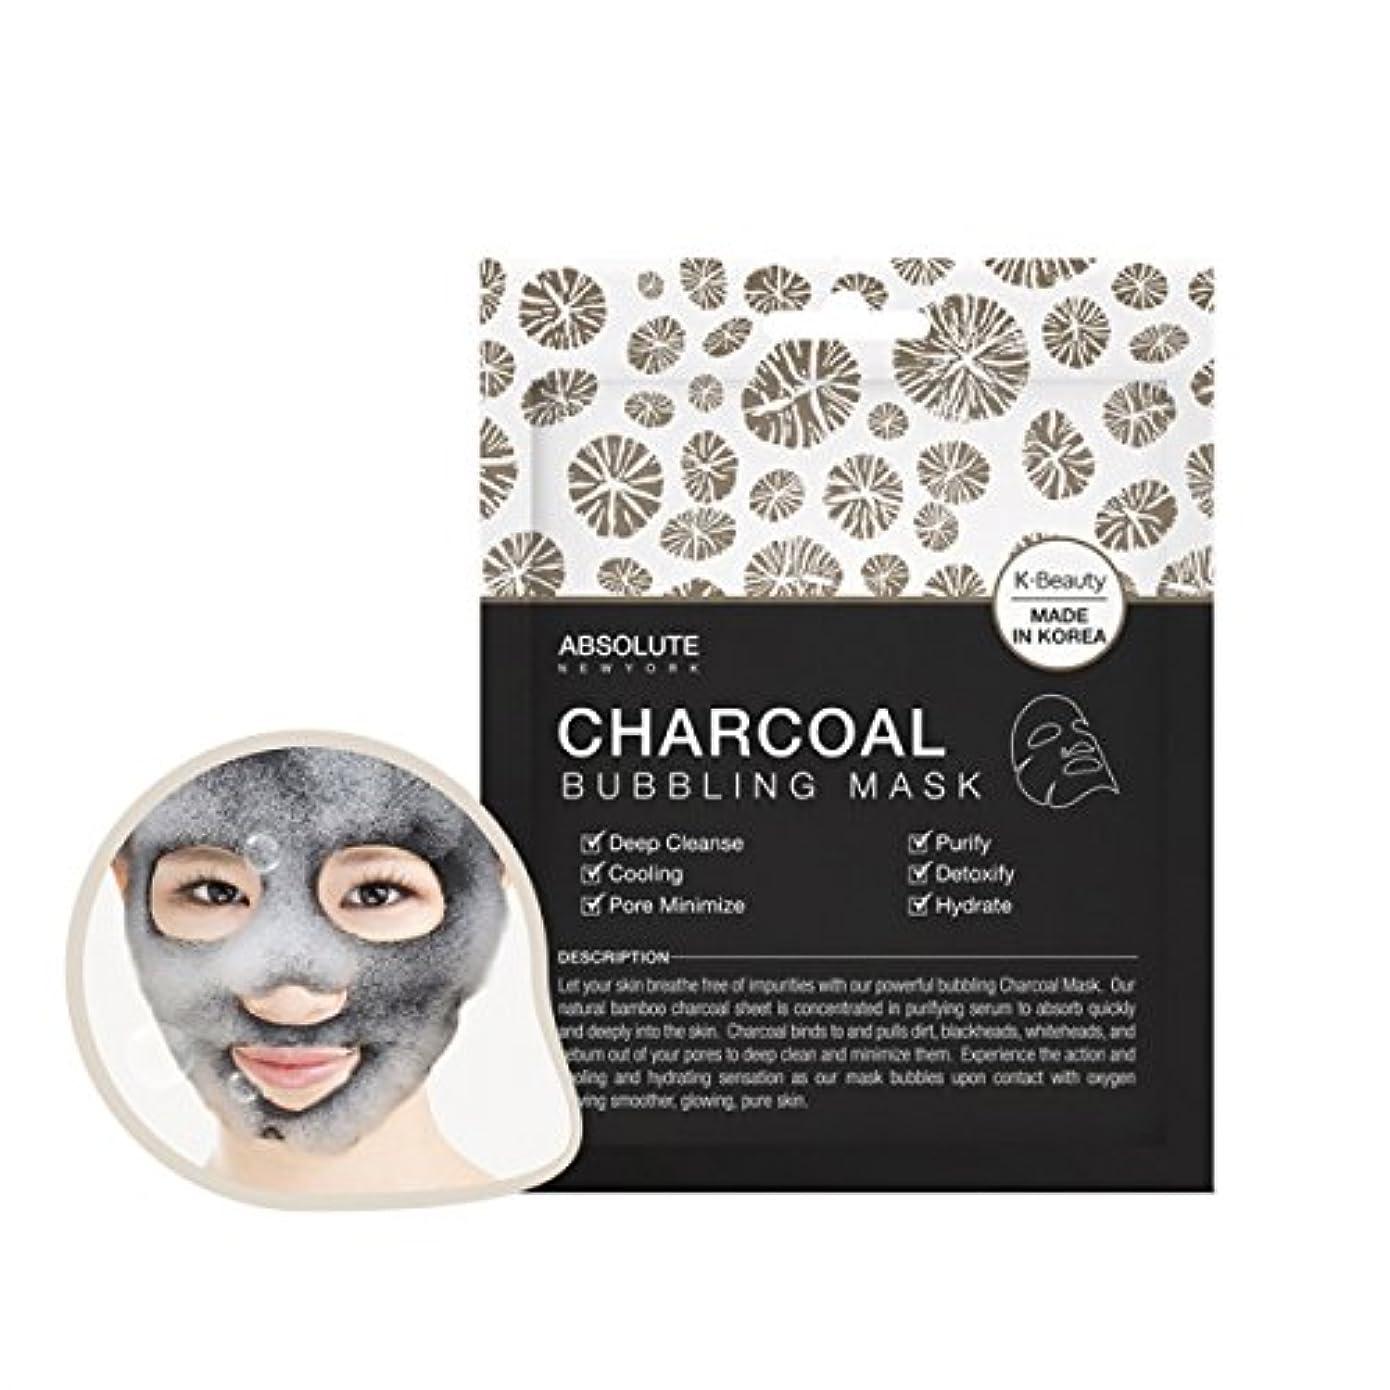 退屈な観客ルアー(6 Pack) ABSOLUTE Charcoal Bubbling Mask (並行輸入品)